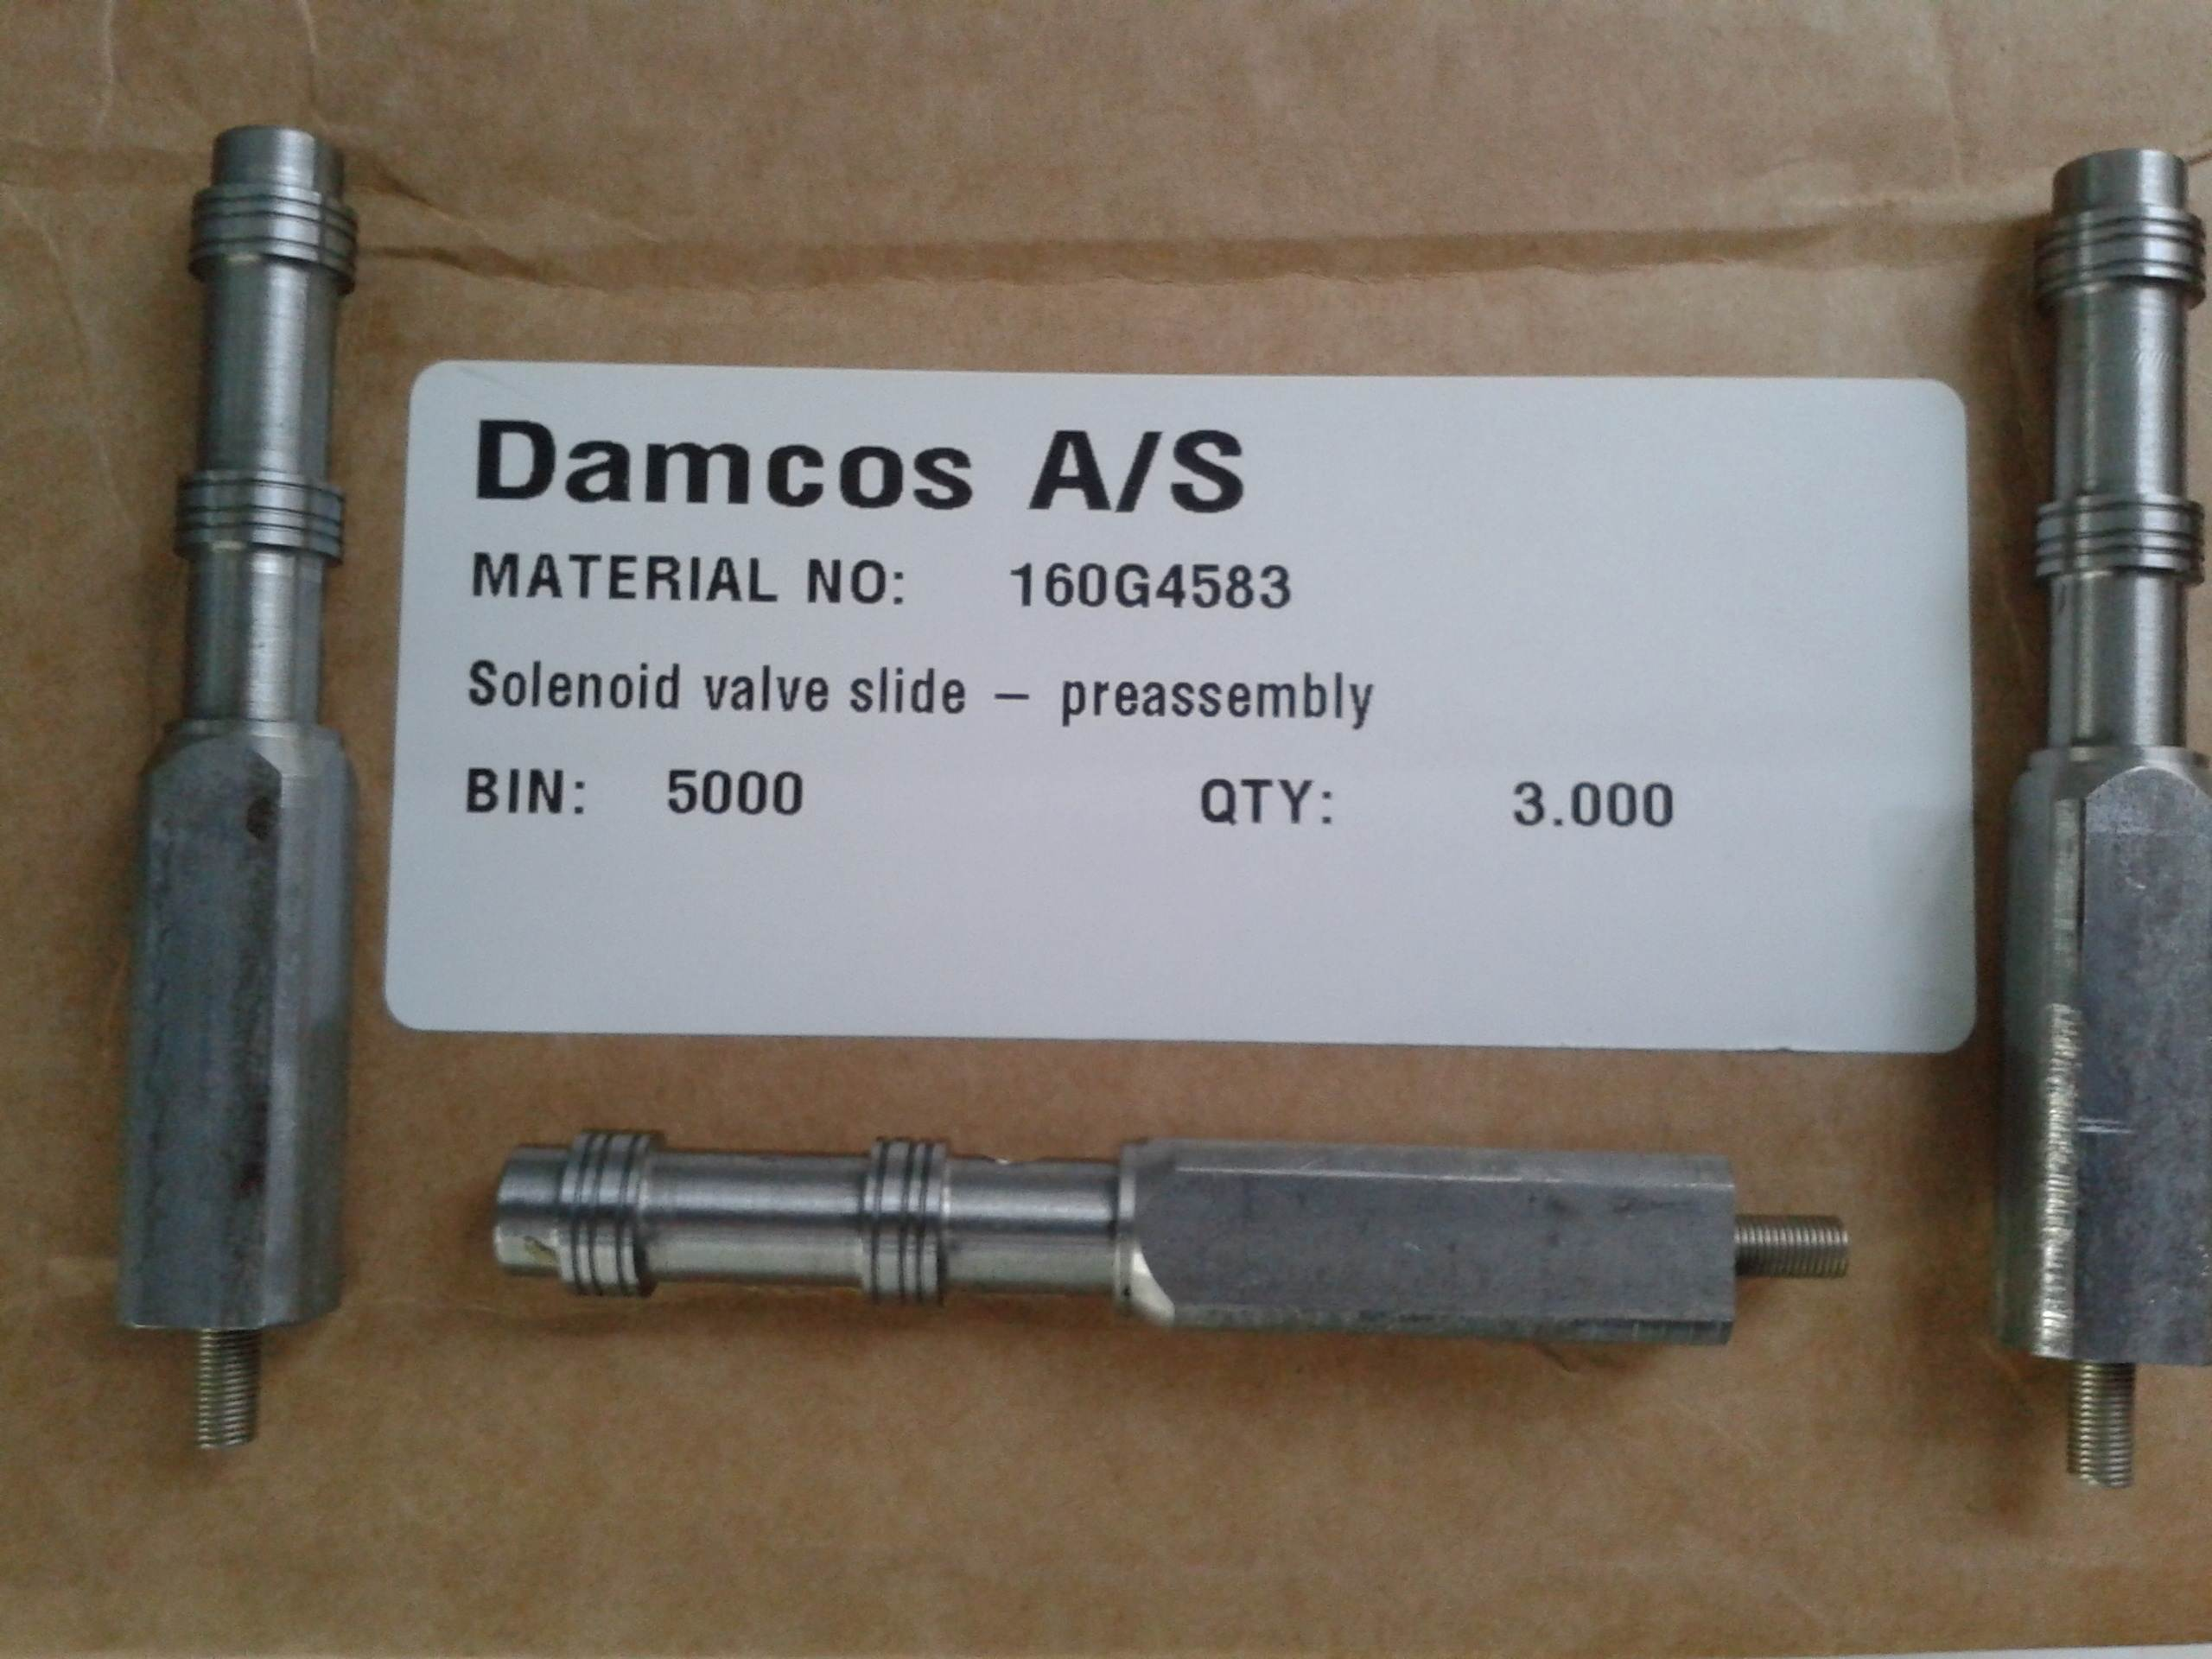 Damcos-160G4583-Solenoid-Valve-Slide-Preassembly-